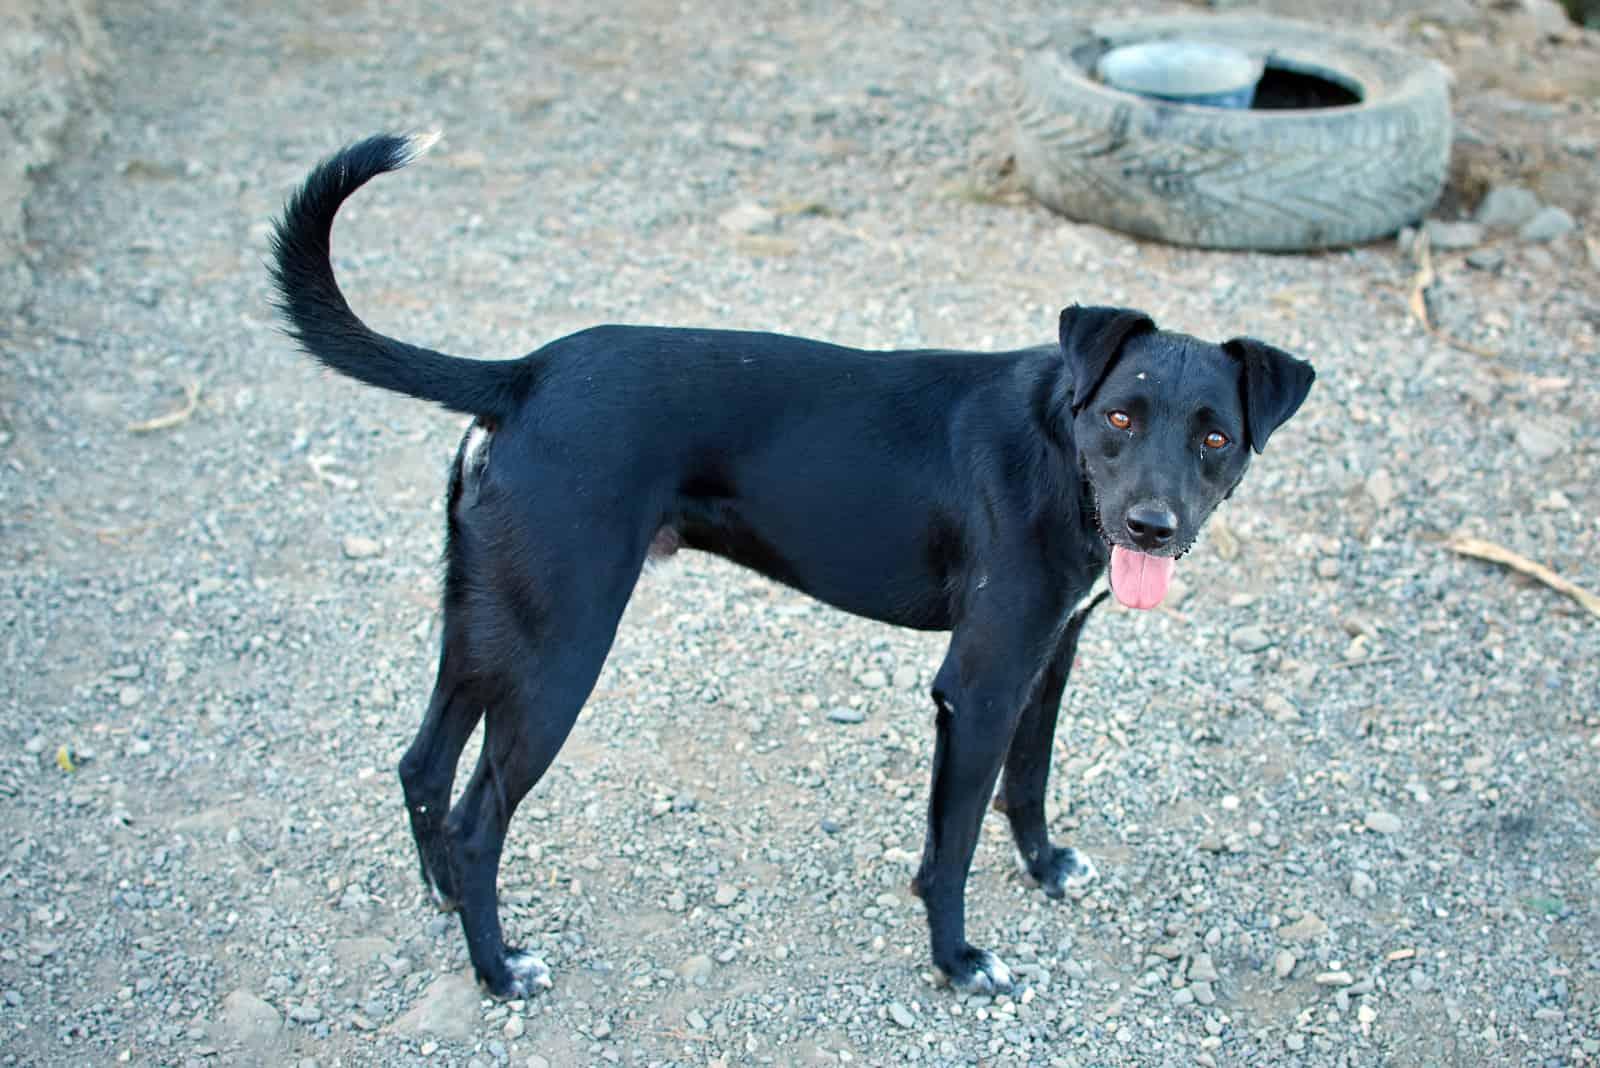 Ein süßer schwarzer Patterdale Terrier Hund, der auf dem Asphaltboden steht asphalt